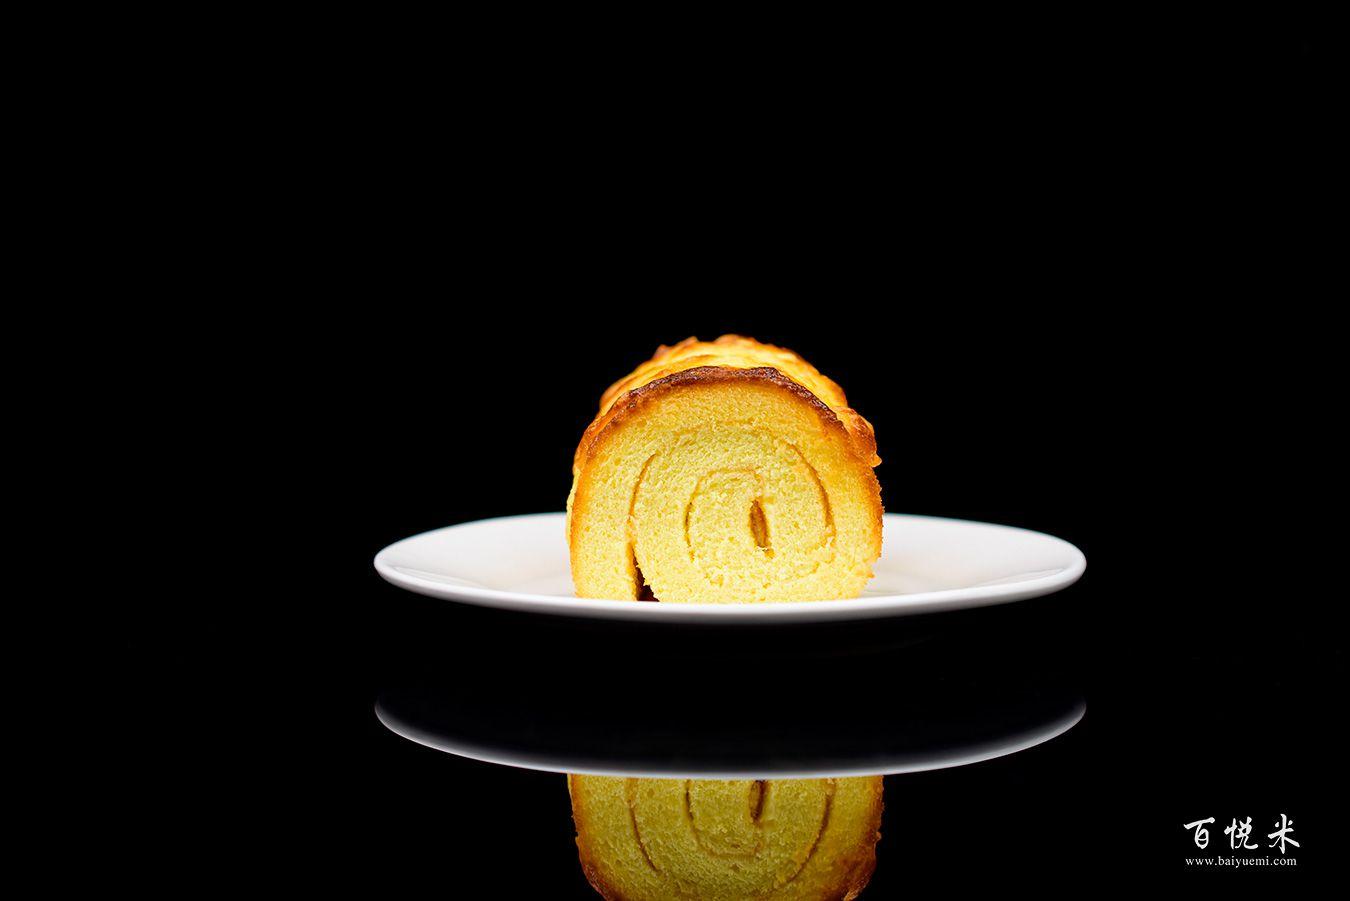 恩格蛋糕卷高清图片大全【蛋糕图片】_579